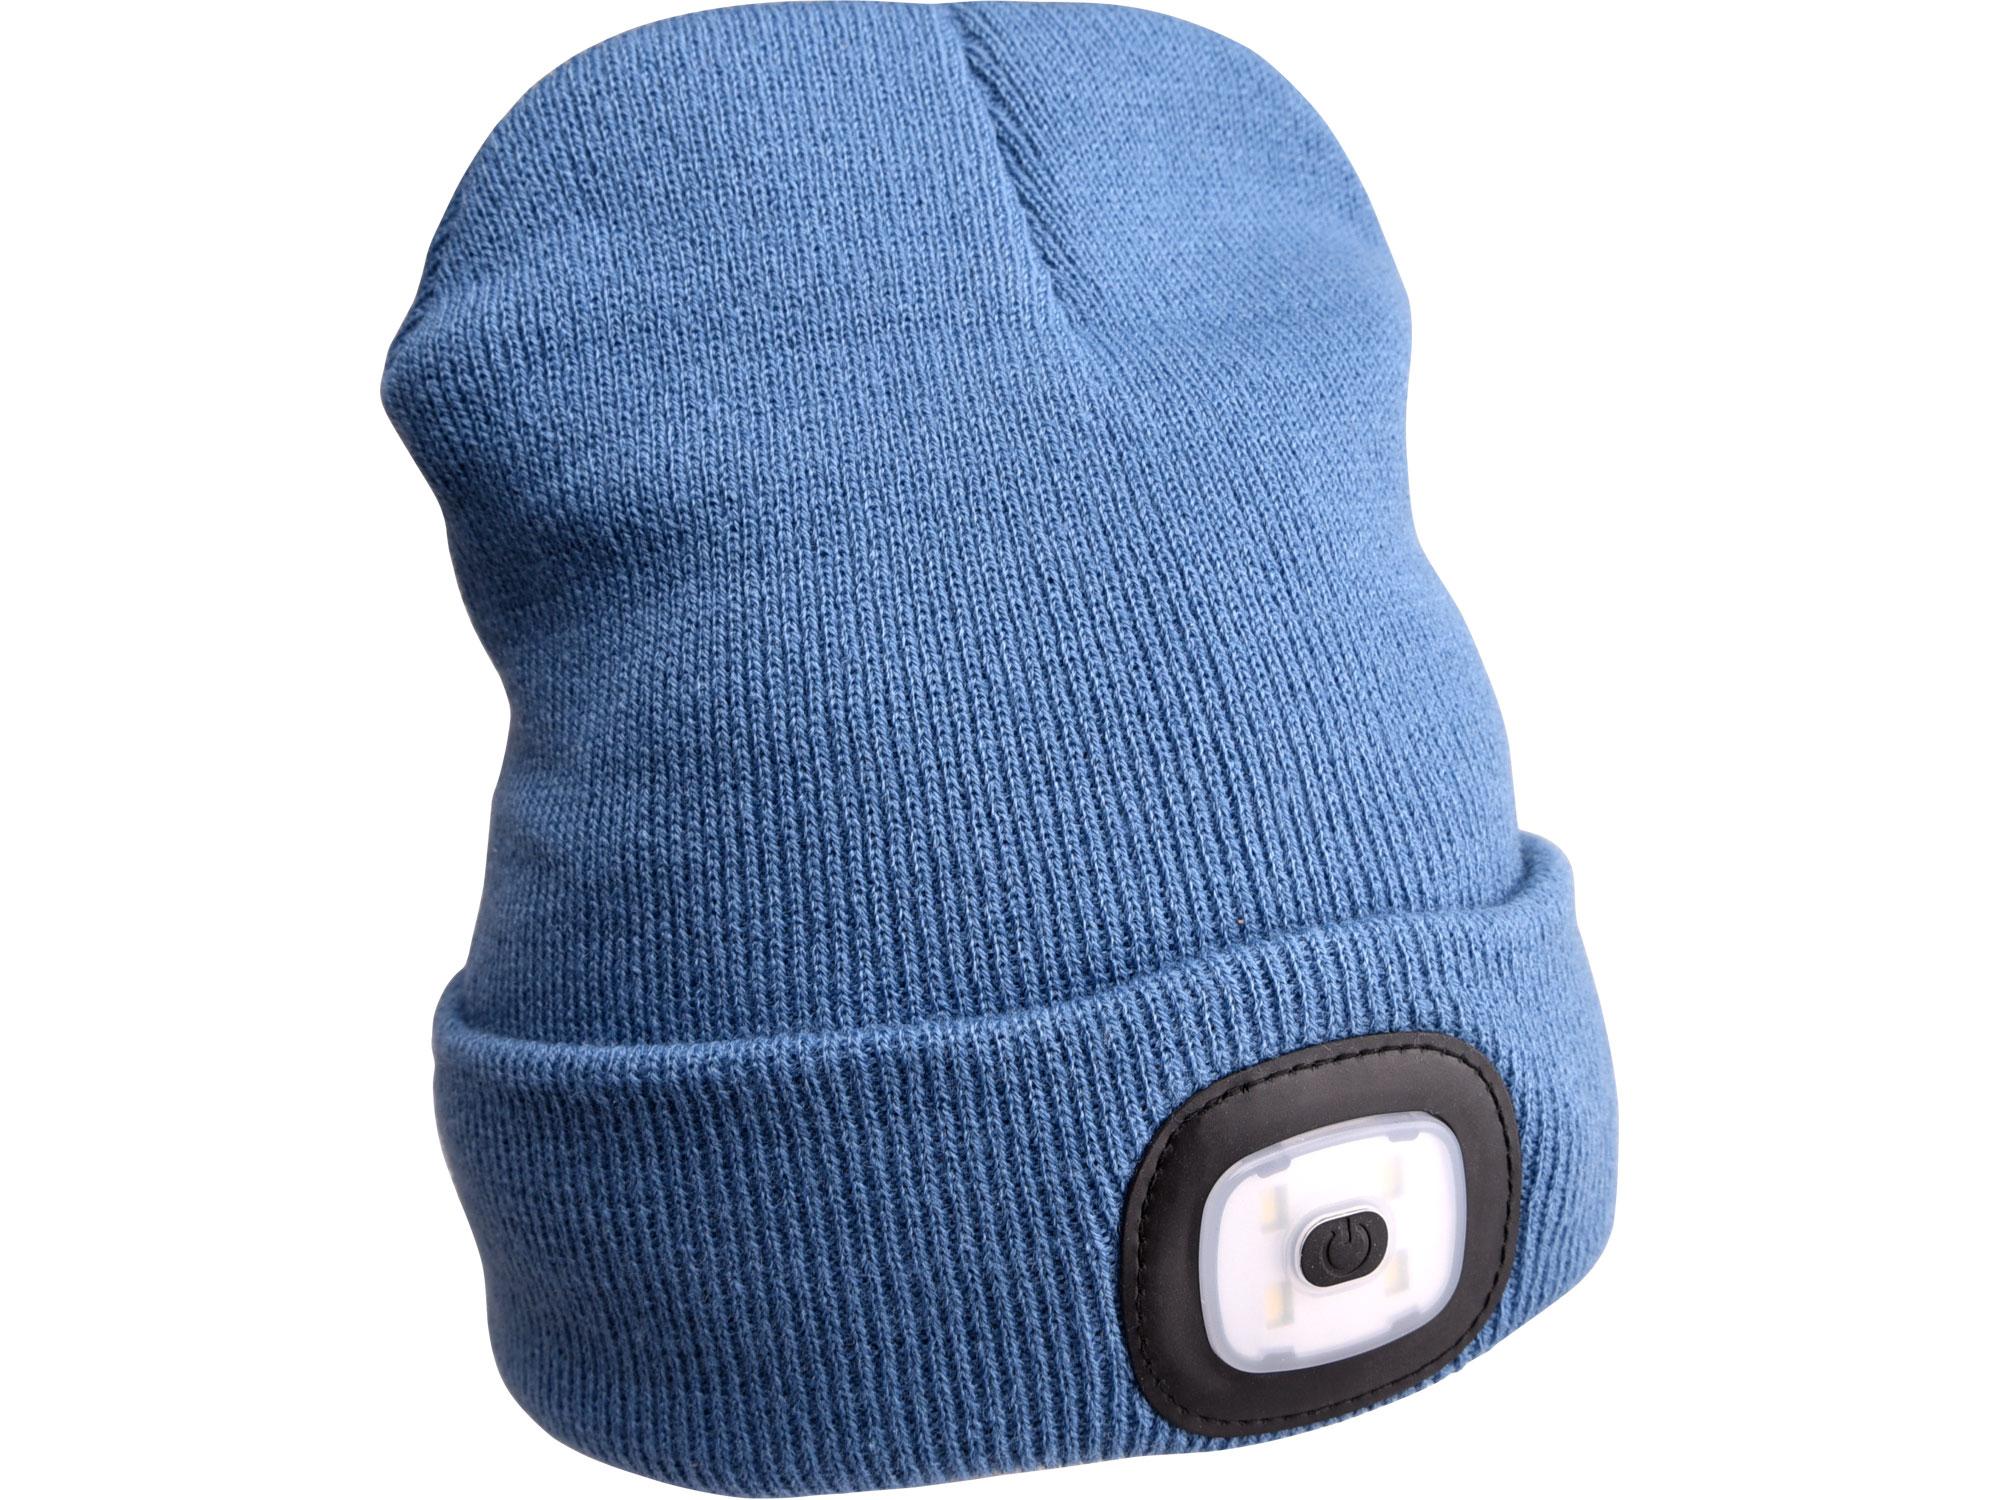 Čepice s čelovkou 4x45lm, nabíjecí, USB, modrá, uni EXTOL LIGHT 43191